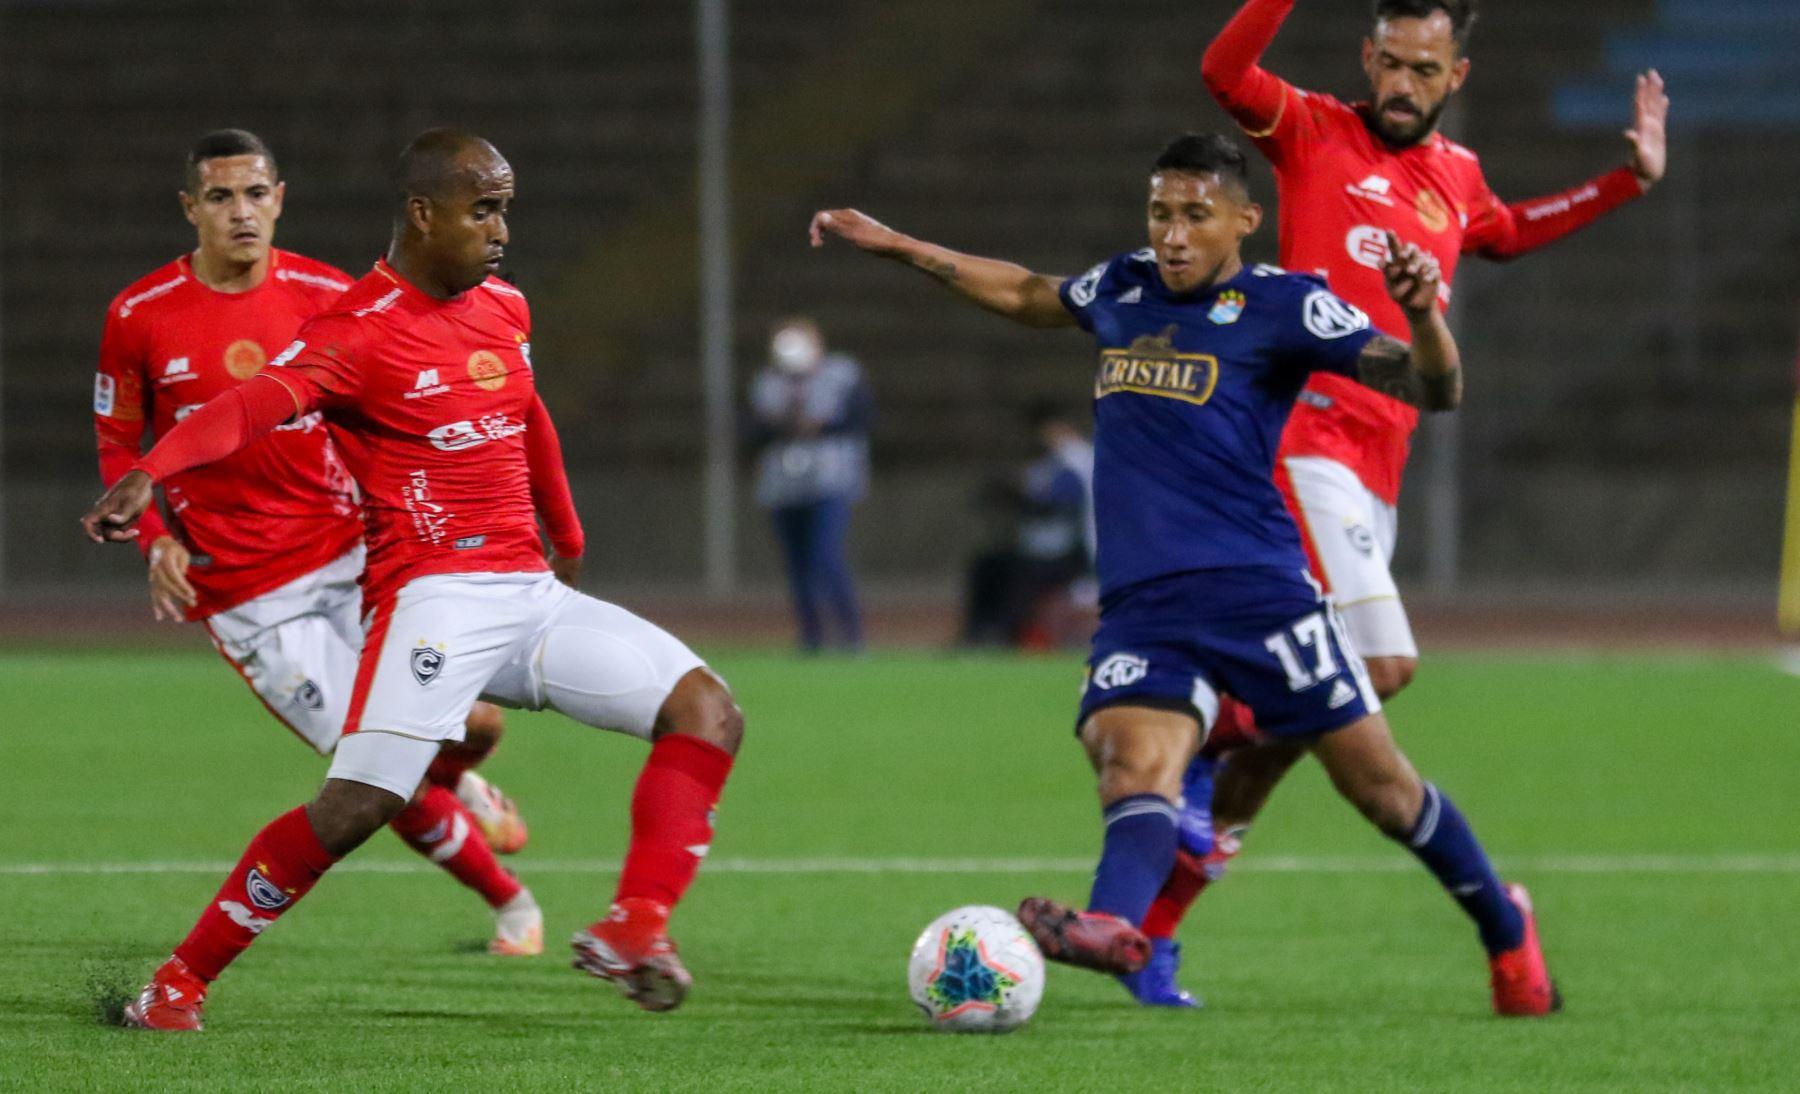 Club Cienciano gana 1 a 0 al Sporting Cristal,  en partido de la fecha 1 Fase 2 de la Liga Movistar, en el estadio UNMSM. Foto: ANDINA/ Liga 1